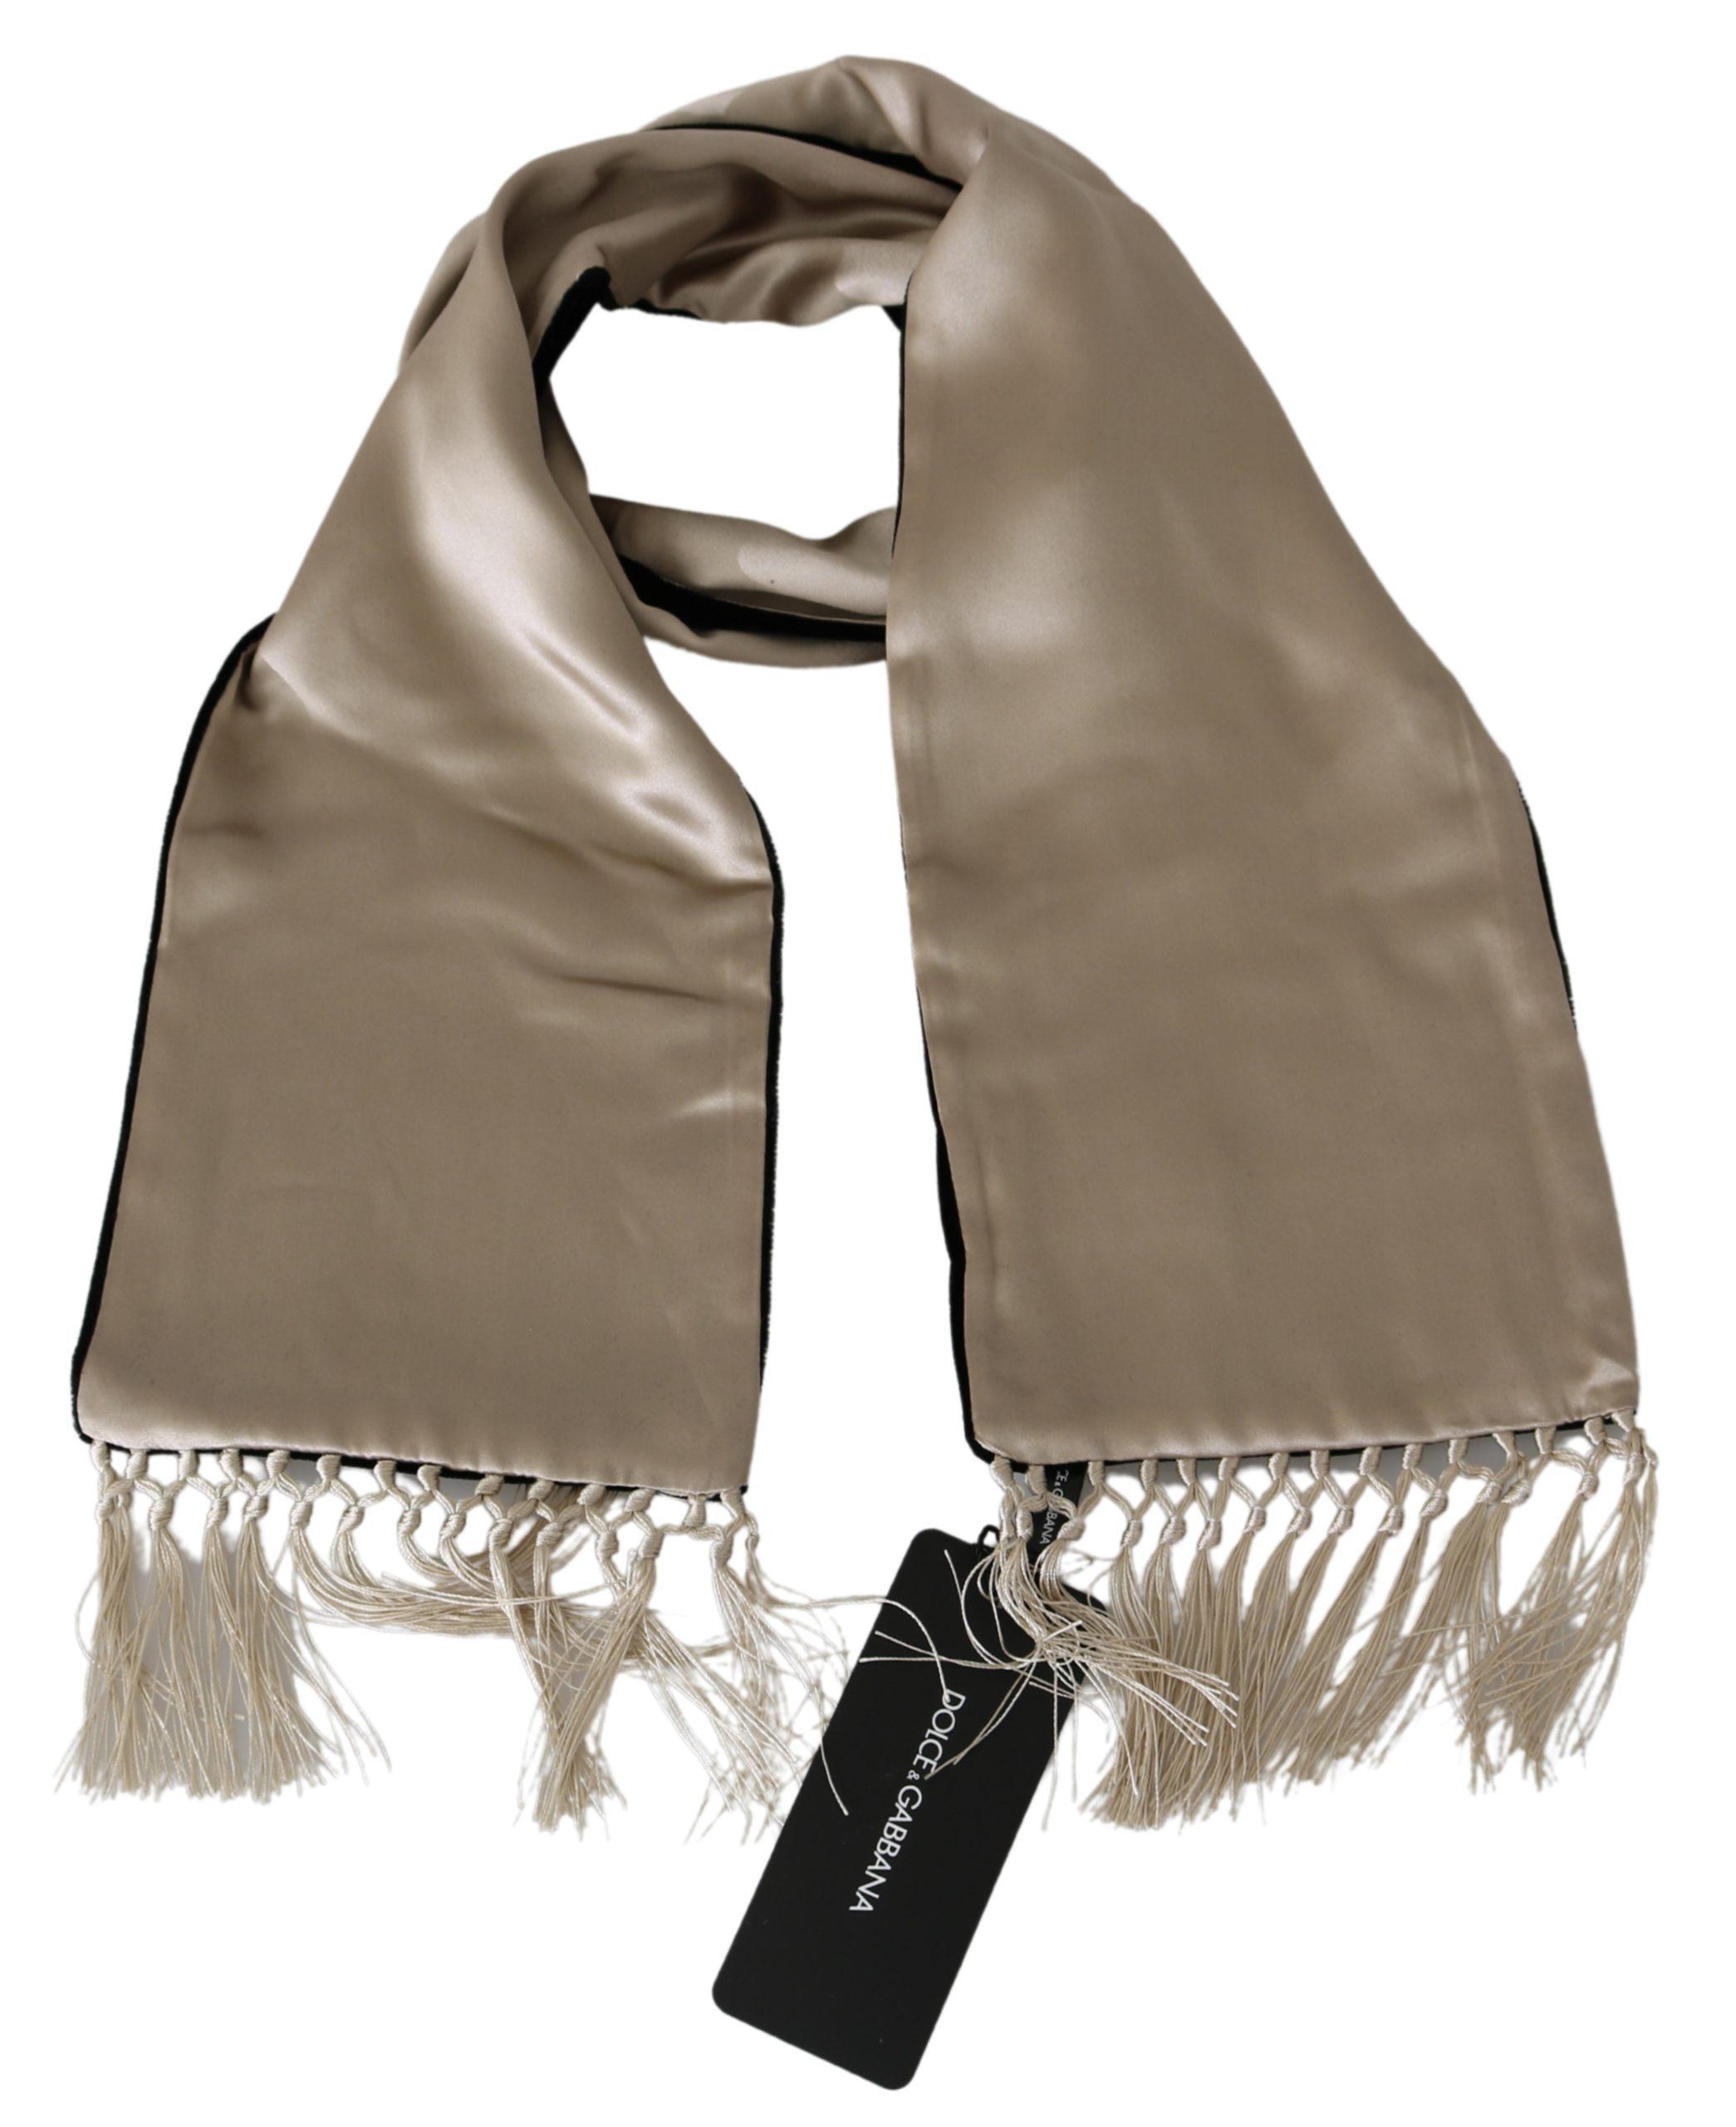 Dolce & Gabbana Men's Silk Silk Scarf Beige MS1776BG